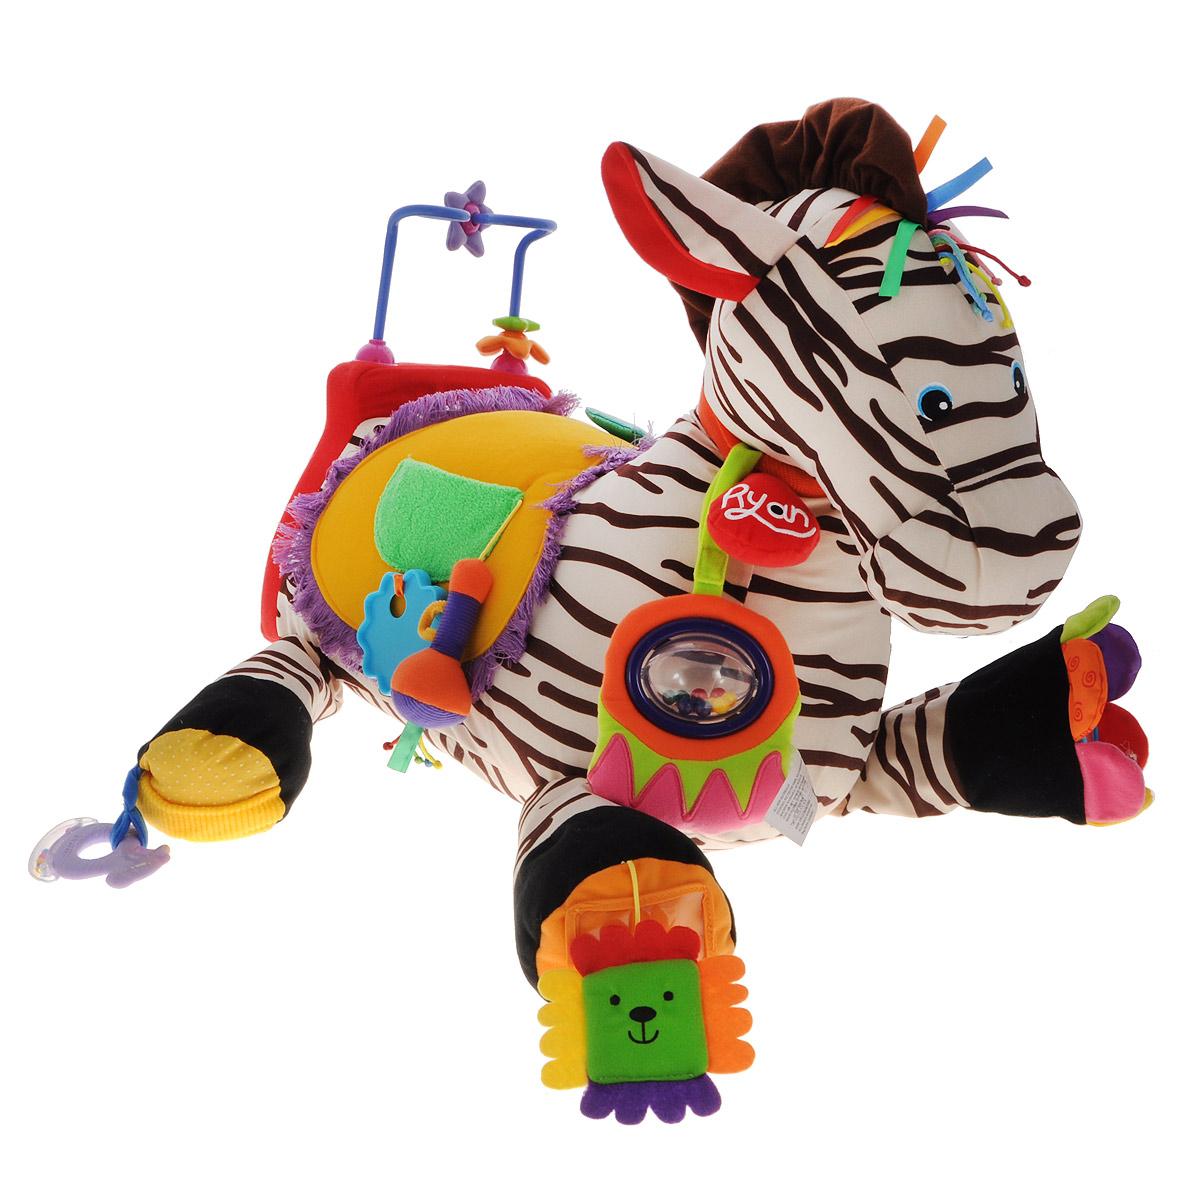 Развивающая игрушка KS Kids Зебра 28, со звуковыми эффектамиKA627Красочная и забавная развивающая игрушка KS Kids Зебра 28 - это настоящий игровой модуль, включающий в себя всевозможные игровые и развивающие элементы. Всего милая полосатая лошадка имеет 28 активных элементов, среди которых есть погремушки, шуршалки, трещалки, пищалки, кармашки с прячущимися в них предметами. Игрушка выполнена из безопасного текстиля, она невероятно мягкая и приятная на ощупь. Крупные размеры игрушки позволят малышу оседлать ее - для этого на спинке зебры предусмотрено декоративное седло. Ушки и грива зебры имеют шуршащую вкладку, на шее лошадки расположены яркие погребушки с разноцветными шариками и бубенчиками. К седлу крепится мягка игрушка-пищалка, кармашек с пластиковой формочкой, и 3 фигурки на липучках. Копыта игрушки дополнены мягкой подвеской, которая прячется в прозрачный кармашек, прорезывателем-погремушкой, диском-трещоткой и безопасным зеркальцем. На спинке расположена удобная пластиковая ручка, на которую нанизаны разноцветные цветочки,...